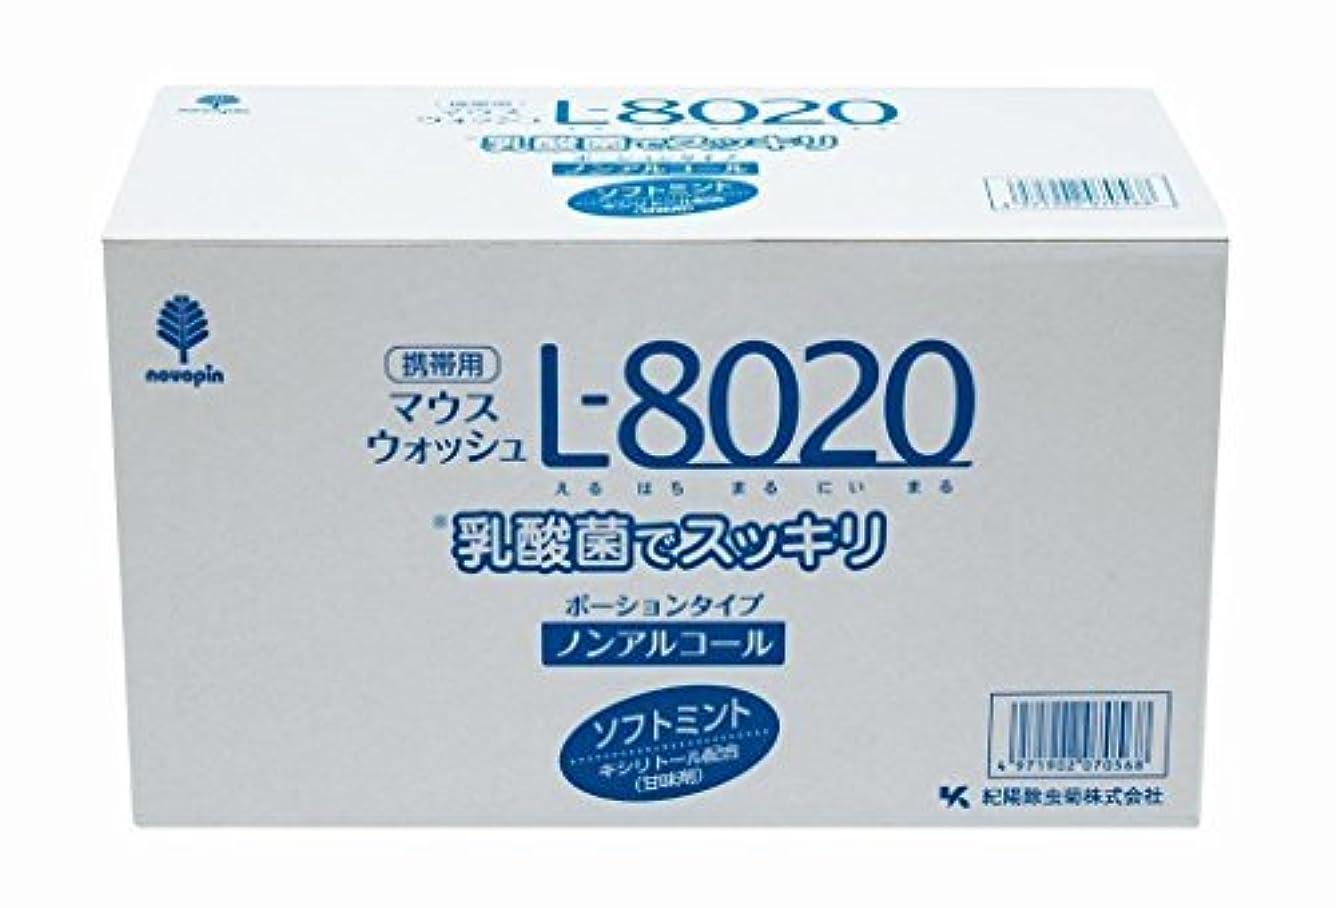 ハーネス証人プーノクチュッペL-8020ソフトミントポーションタイプ100個入(ノンアルコール) 【まとめ買い10個セット】 K-7056 日本製 Japan